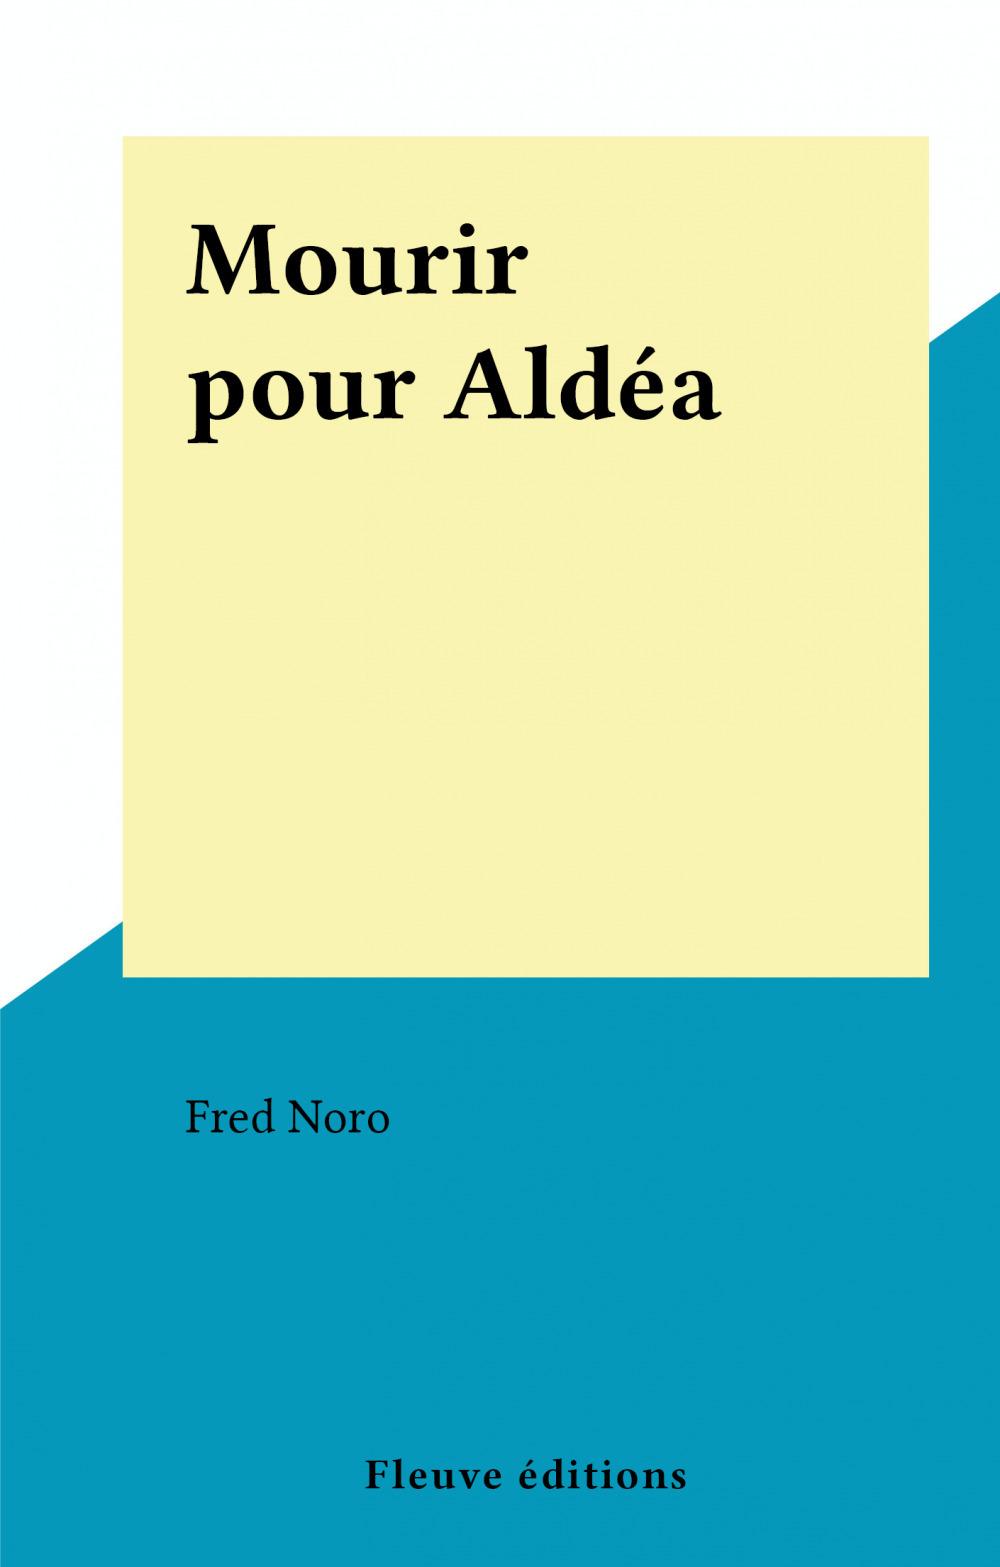 Mourir pour Aldéa